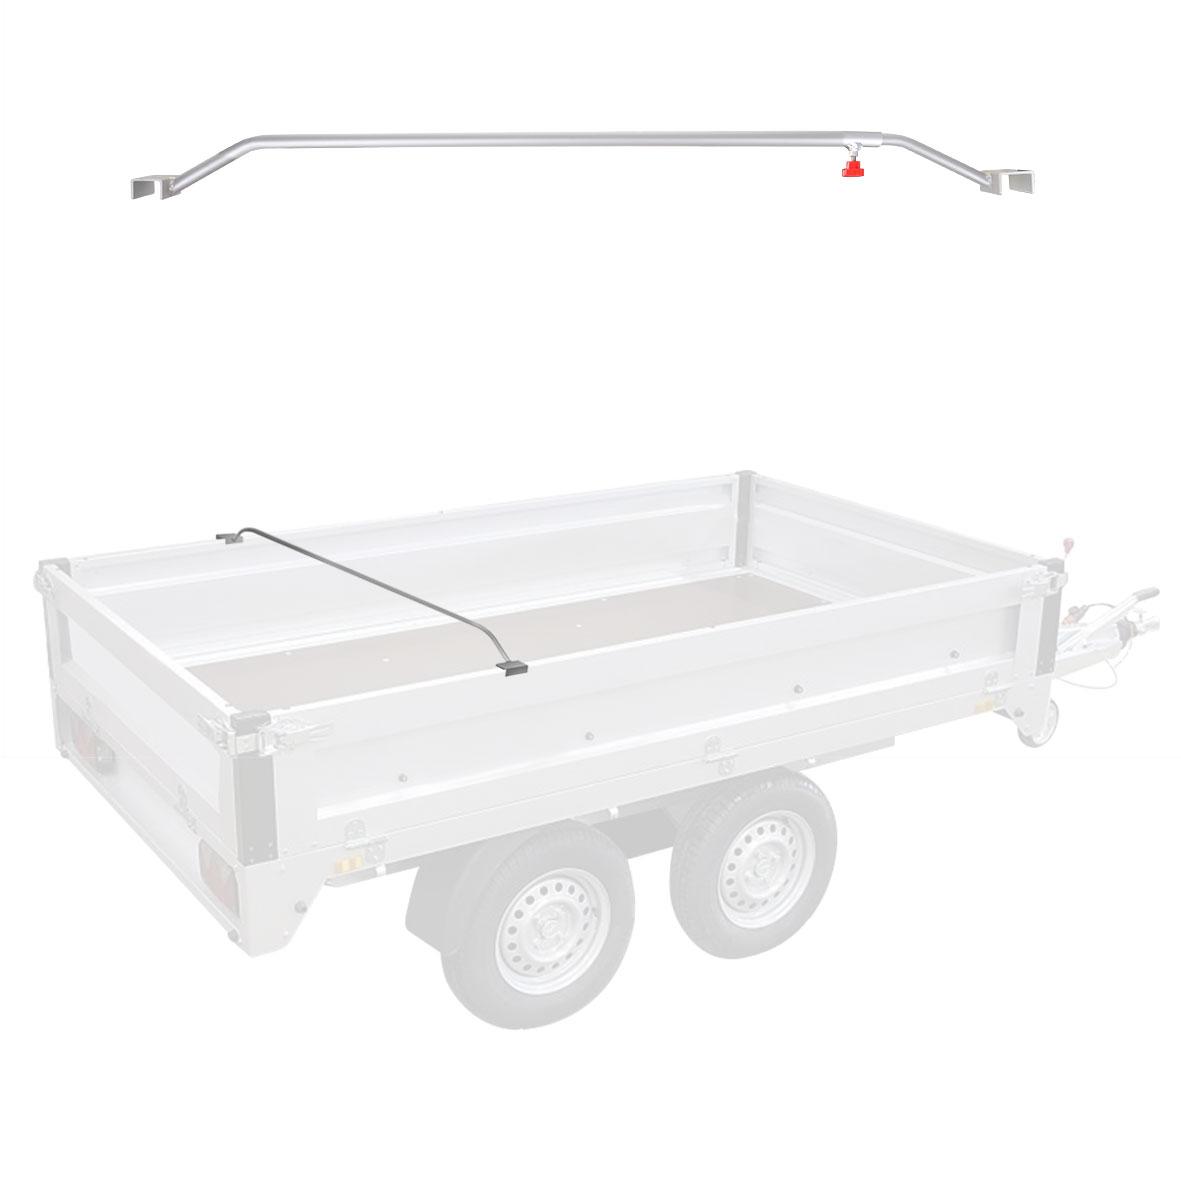 Anhänger Flachplanenbügel Aluminium verstellbar 132 - 204 cm Knaufschraube